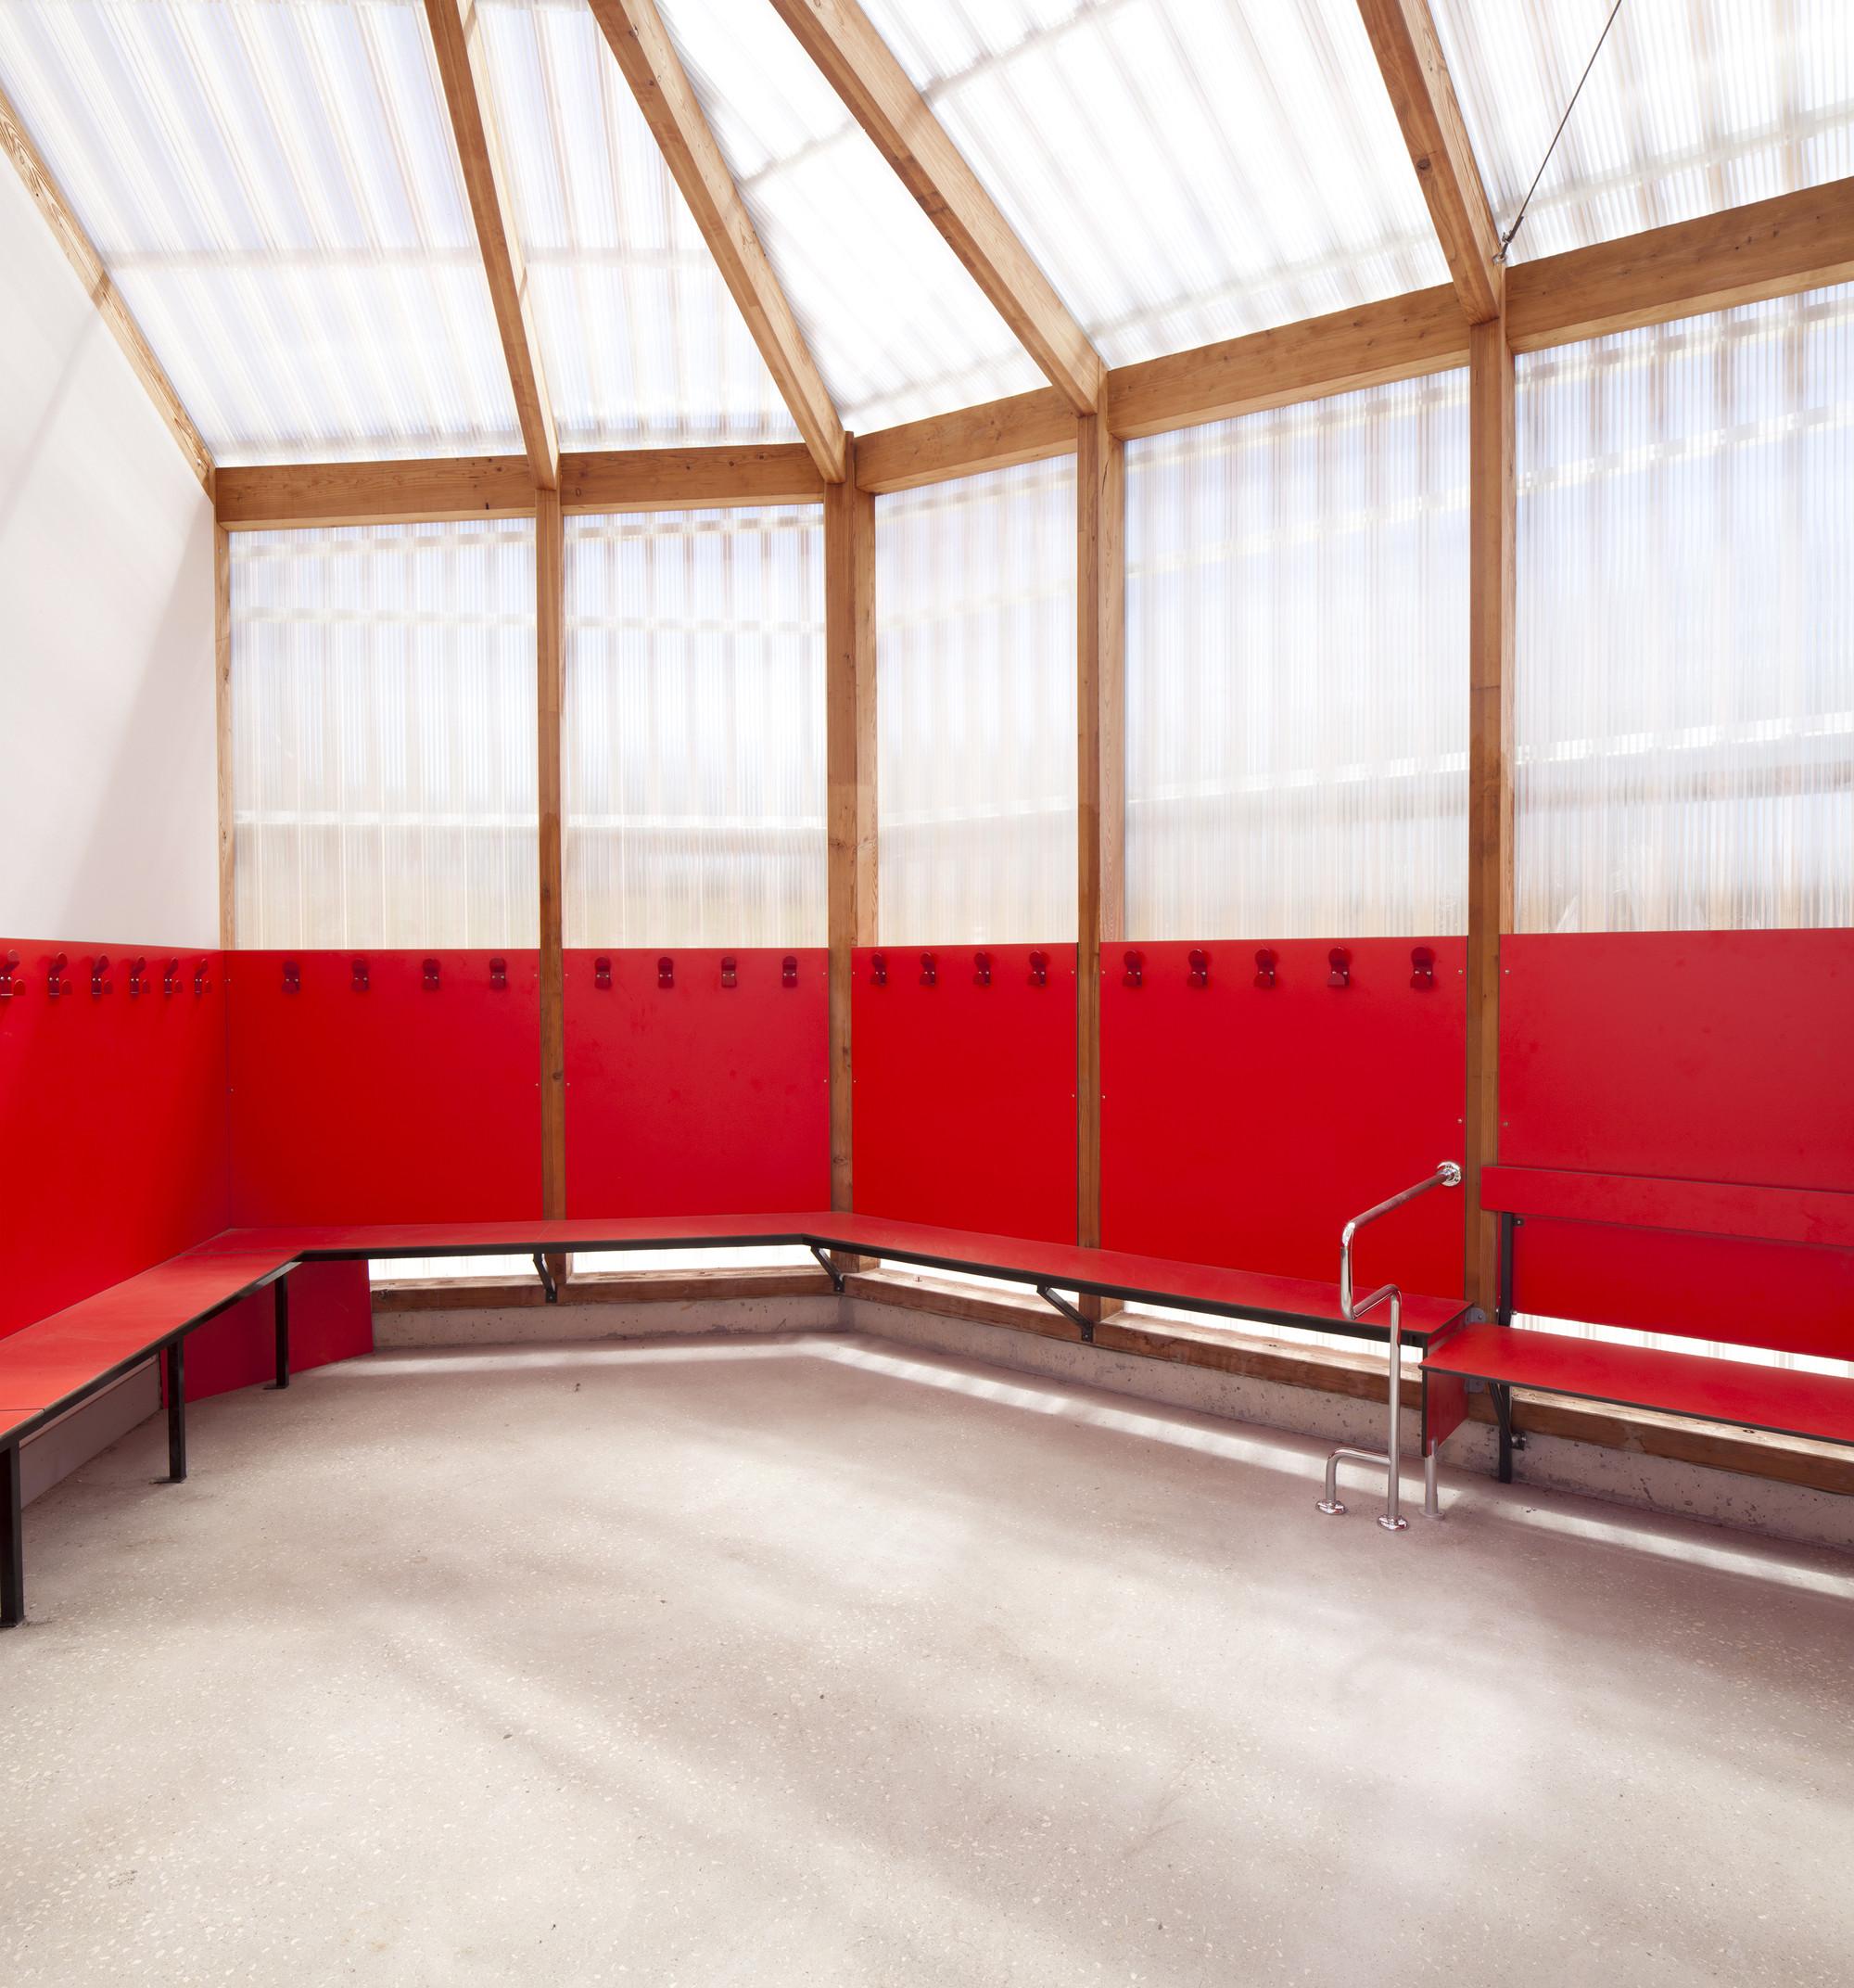 galer a de piscina th tre d 39 eau log architectes 6. Black Bedroom Furniture Sets. Home Design Ideas